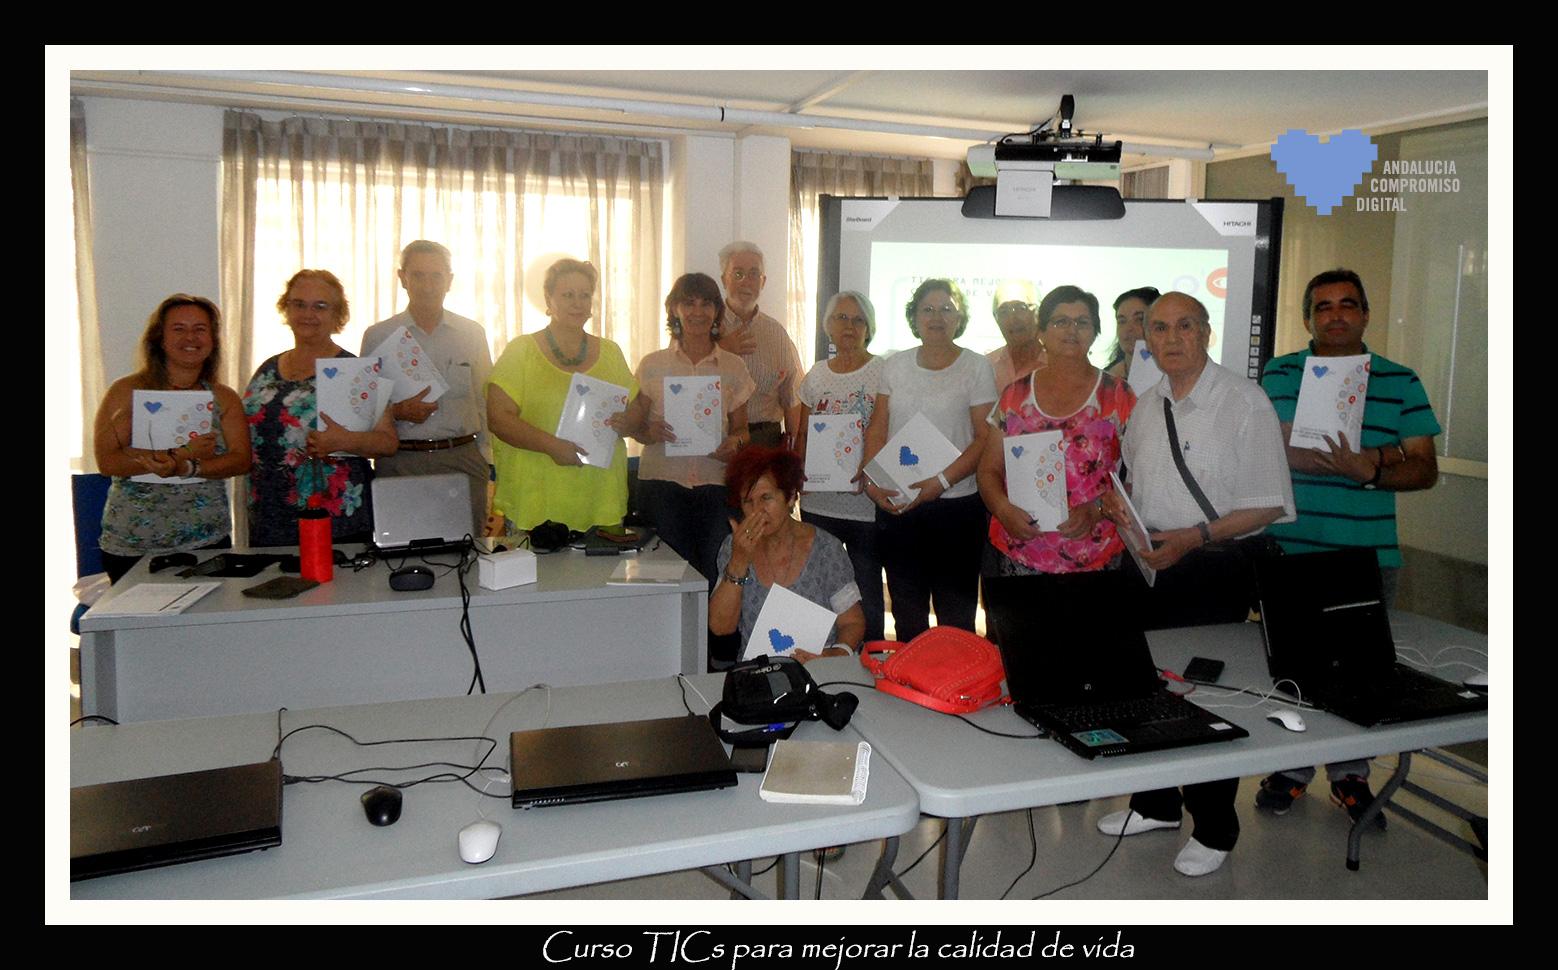 Tecnoinfe tecnolog a inform tica y educaci n curso tic para mejorar la calidad de vida - Oficina virtual de fpe ...